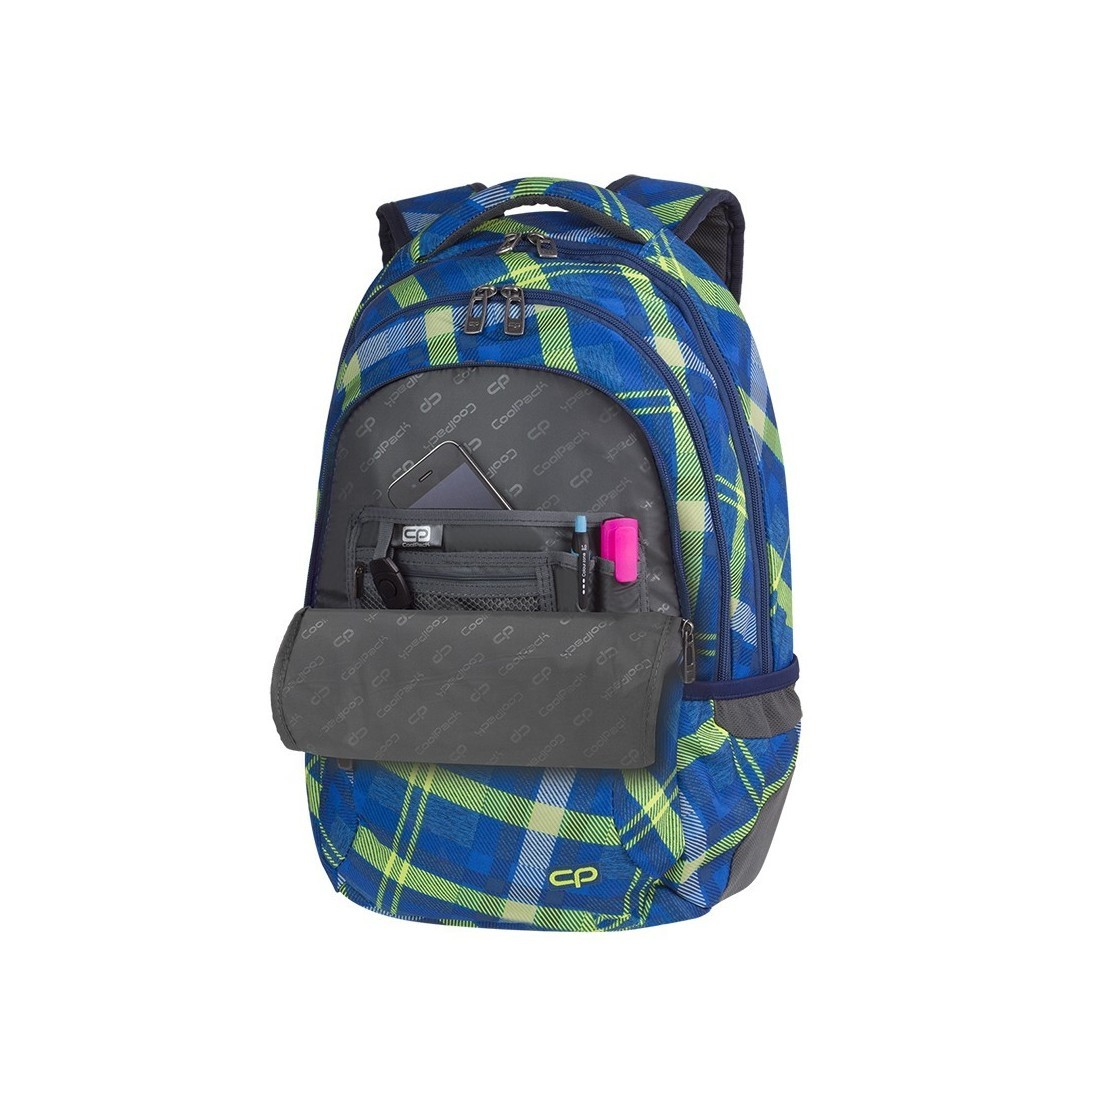 Plecak młodzieżowy CoolPack CP COLLEGE SPRINGFIELD zielono-niebieski w dużą kratę - 5 przegród - A534 - plecak-tornister.pl